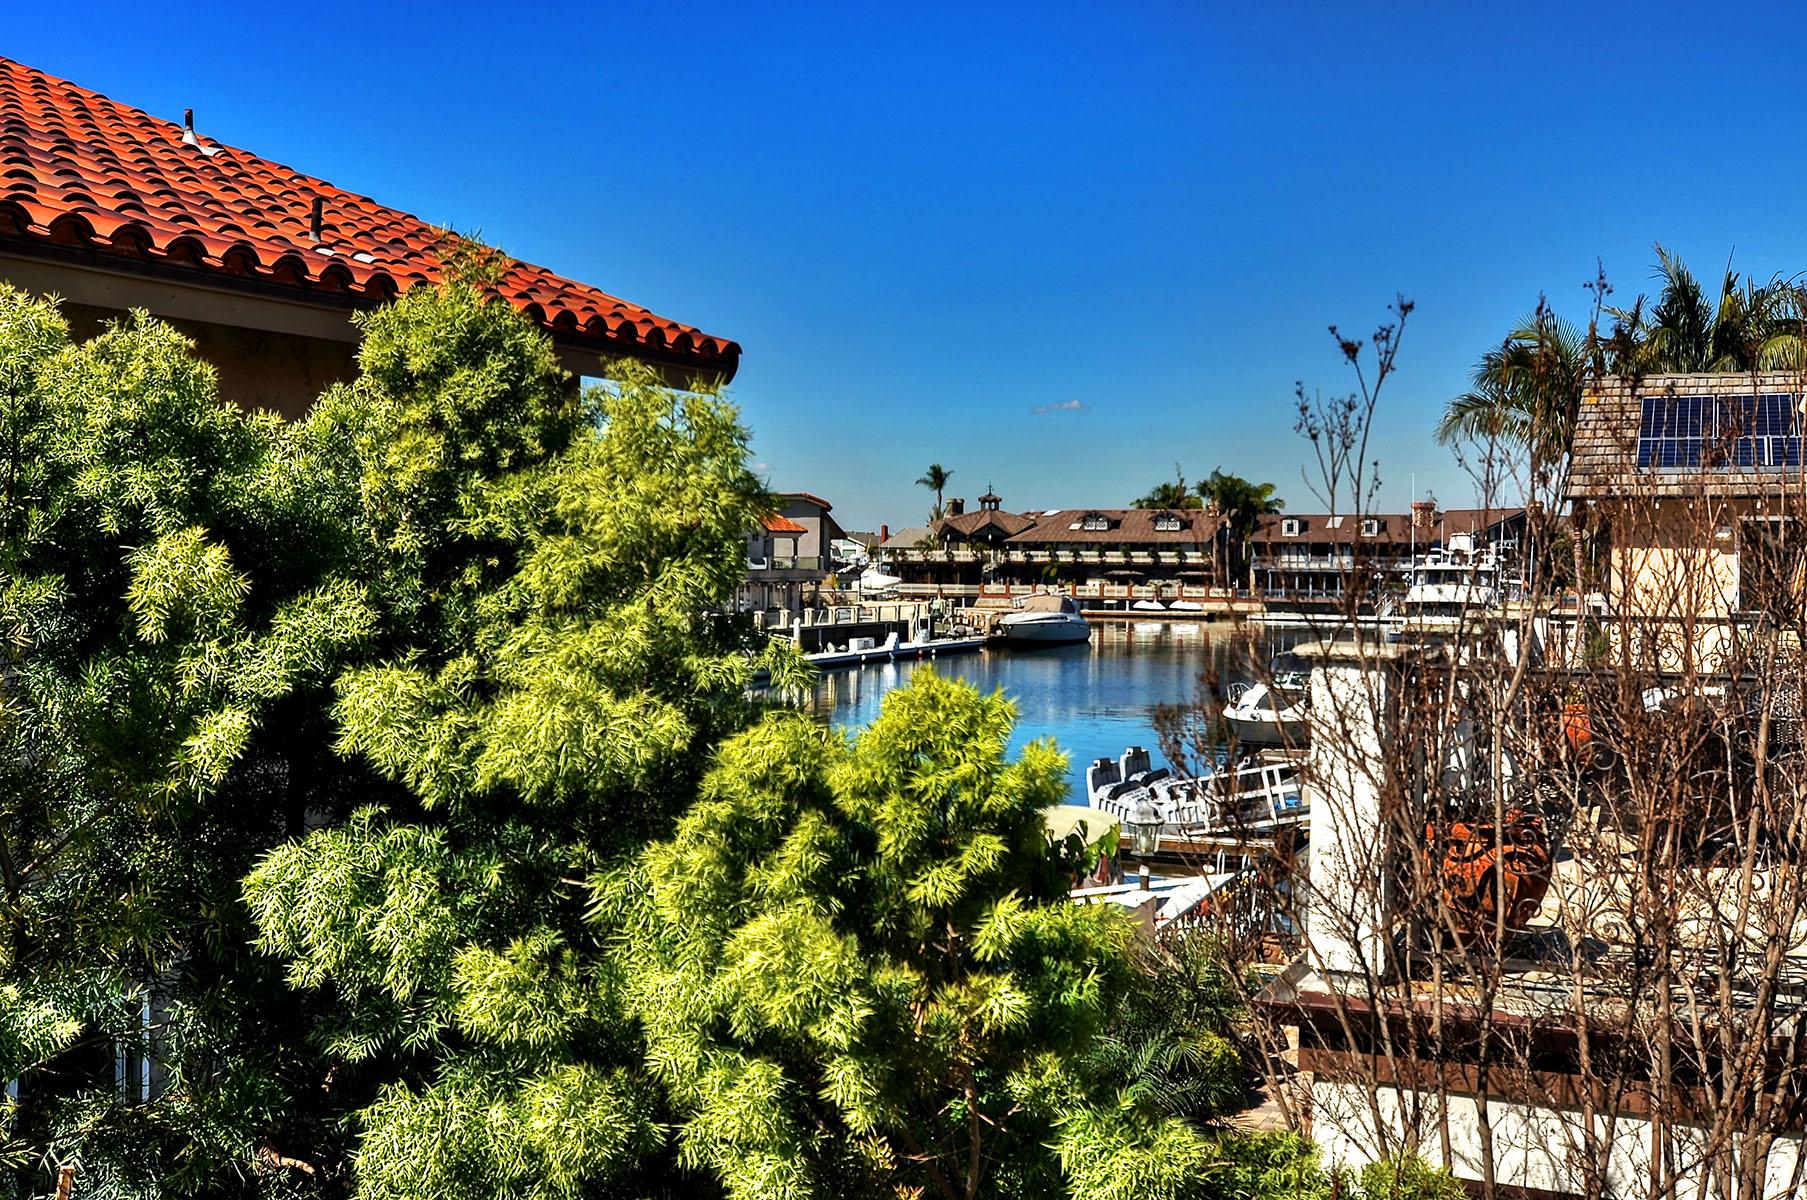 Casa Unifamiliar por un Venta en 16461 Ladona Cr Huntington Beach, California 92649 Estados Unidos